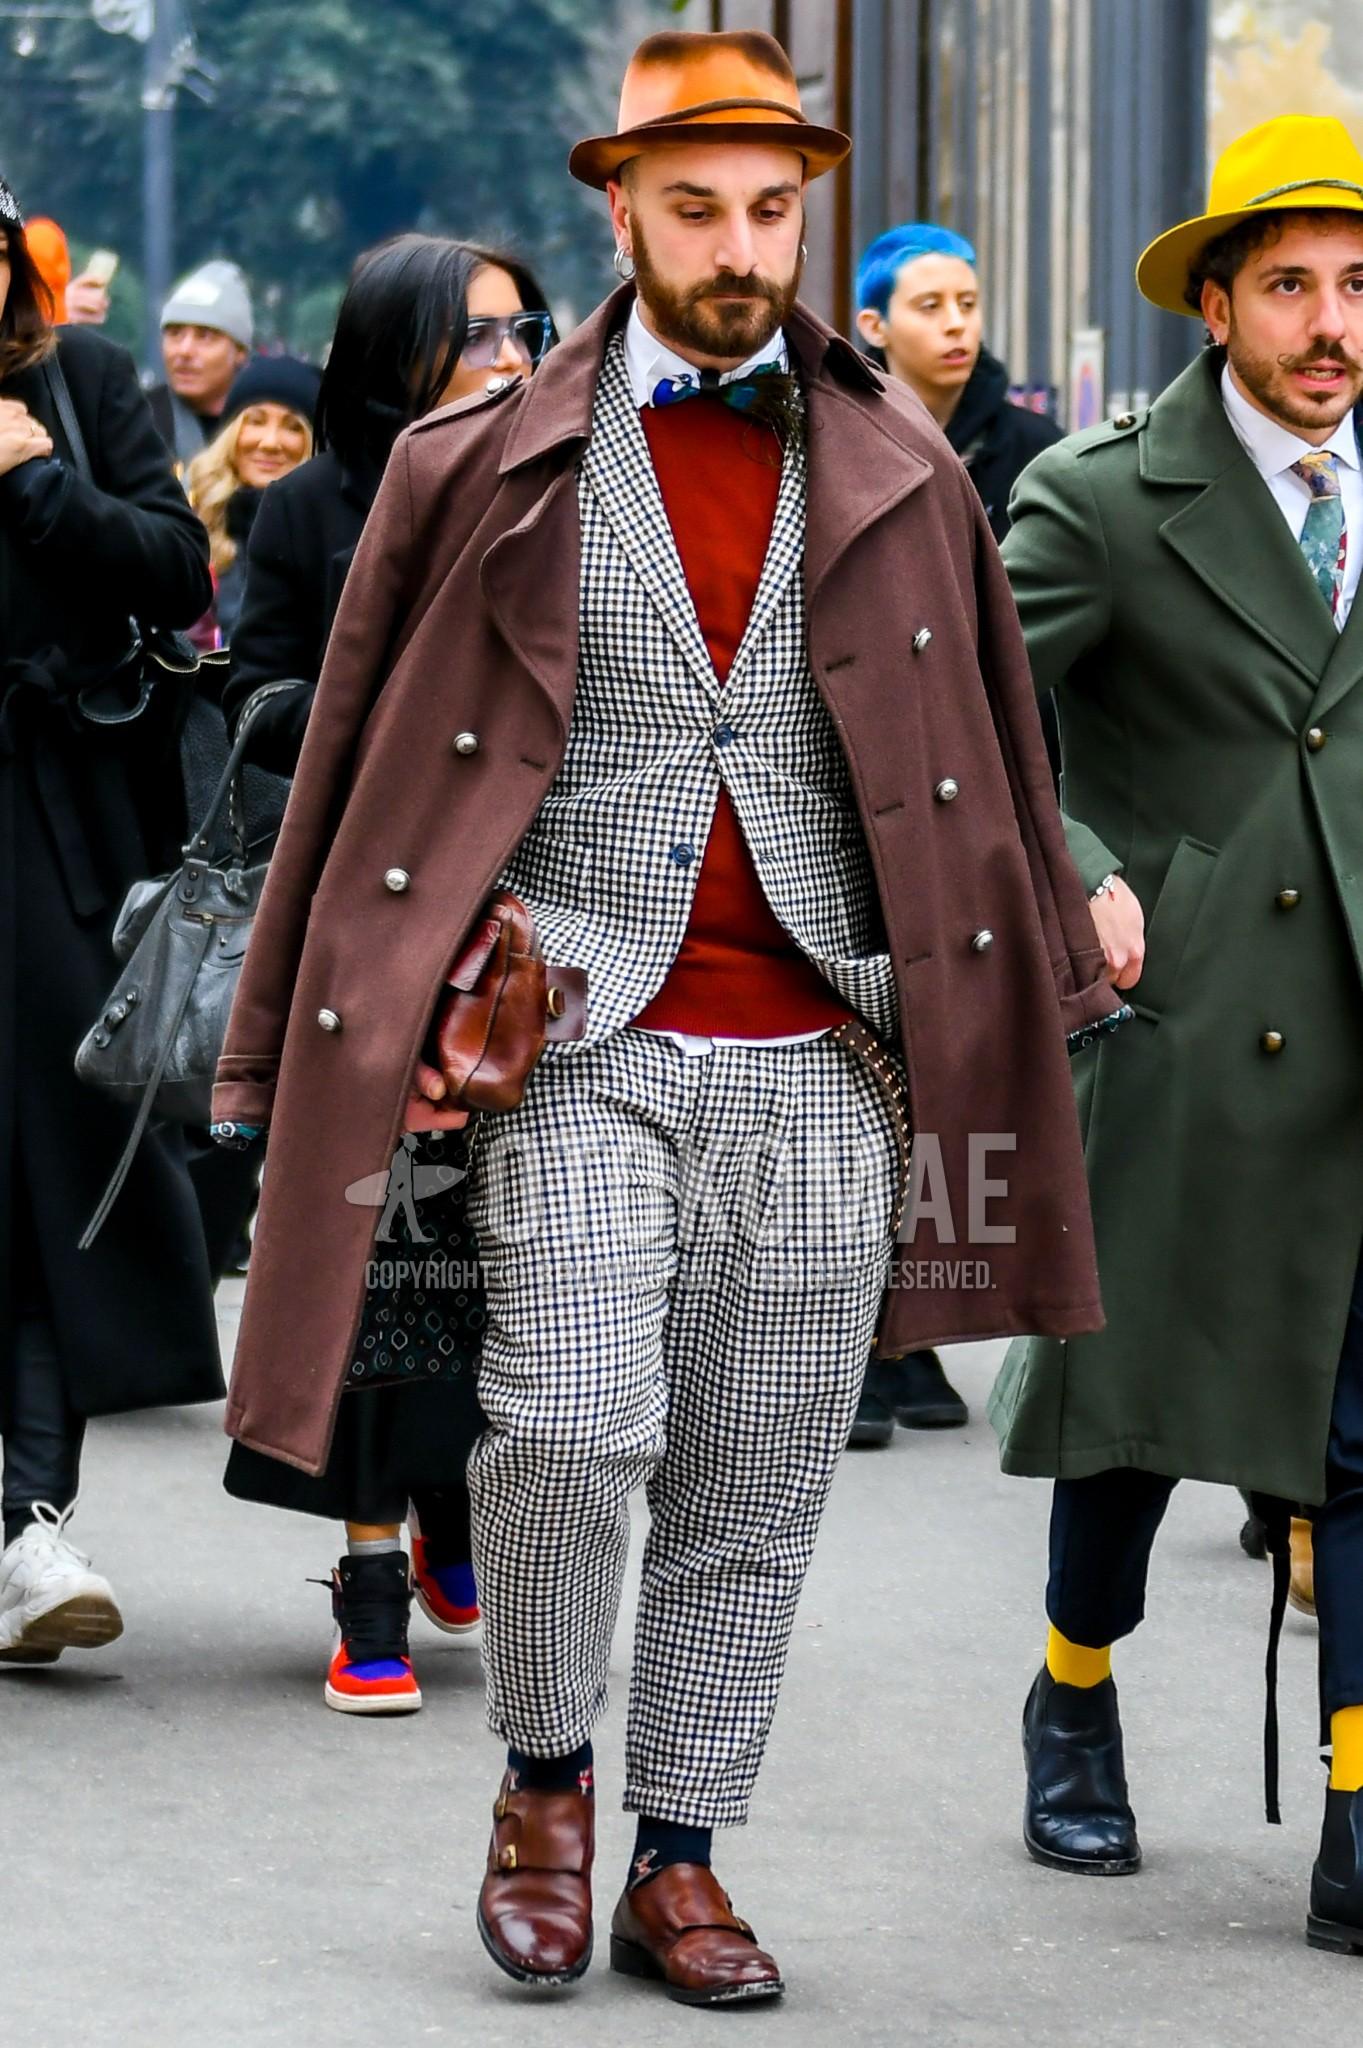 ブラウン無地のハット、ブラウン無地のトレンチコート、ブラウン無地のセーター、白無地のシャツ、ブラウン無地のレザーベルト、黒ソックスのソックス、ブラウンモンクシューズの革靴、ブラウン無地のクラッチバッグ/セカンドバッグ/巾着、グレーチェックのスーツ、マルチカラーネクタイのボウタイを合わせた秋冬のメンズコーデ・着こなし。